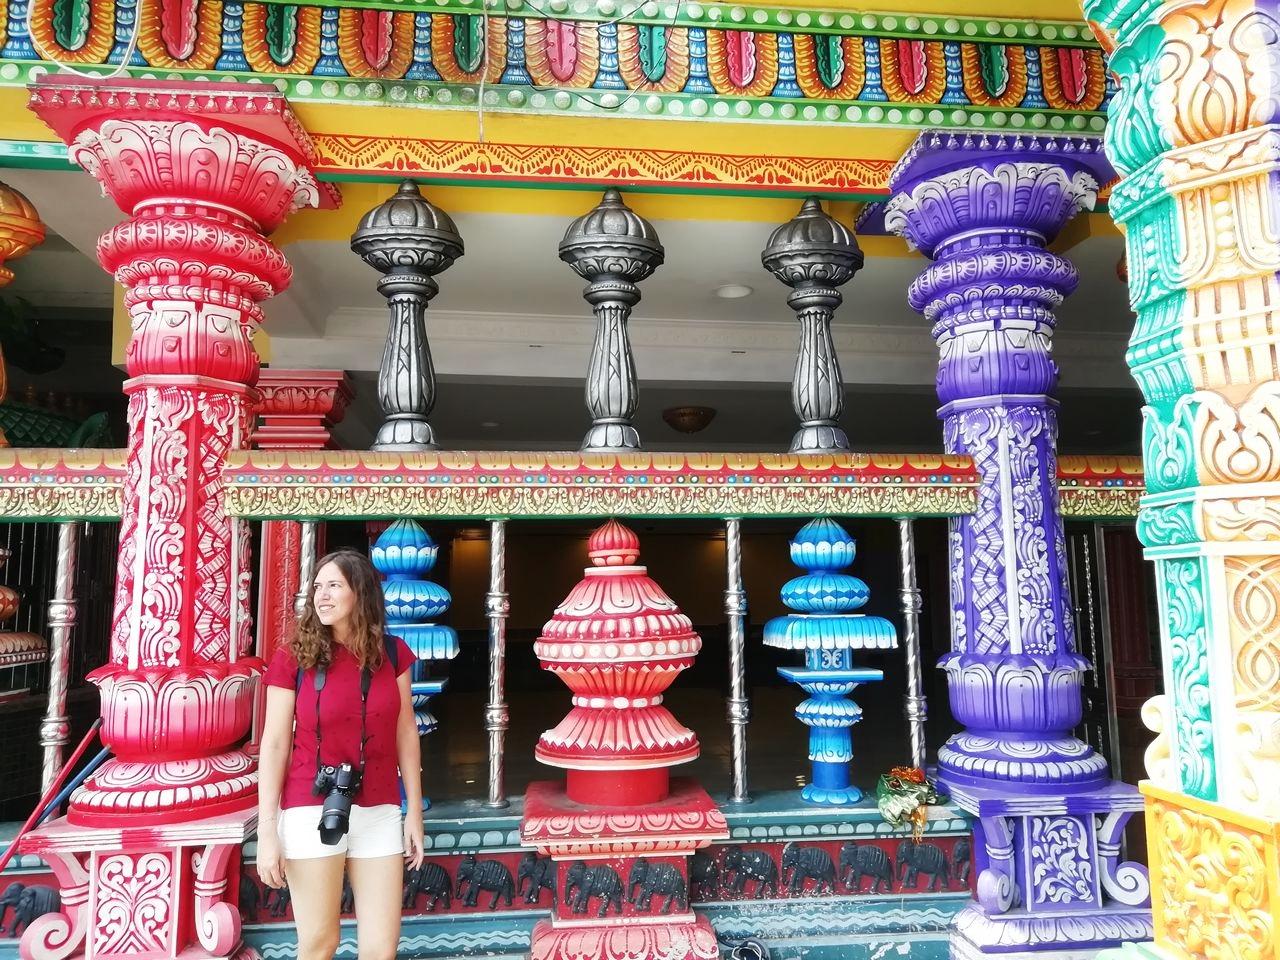 Te cuento cómo llegar a Batu Caves desde Kuala Lumpur para visitar este santuario hinduista.